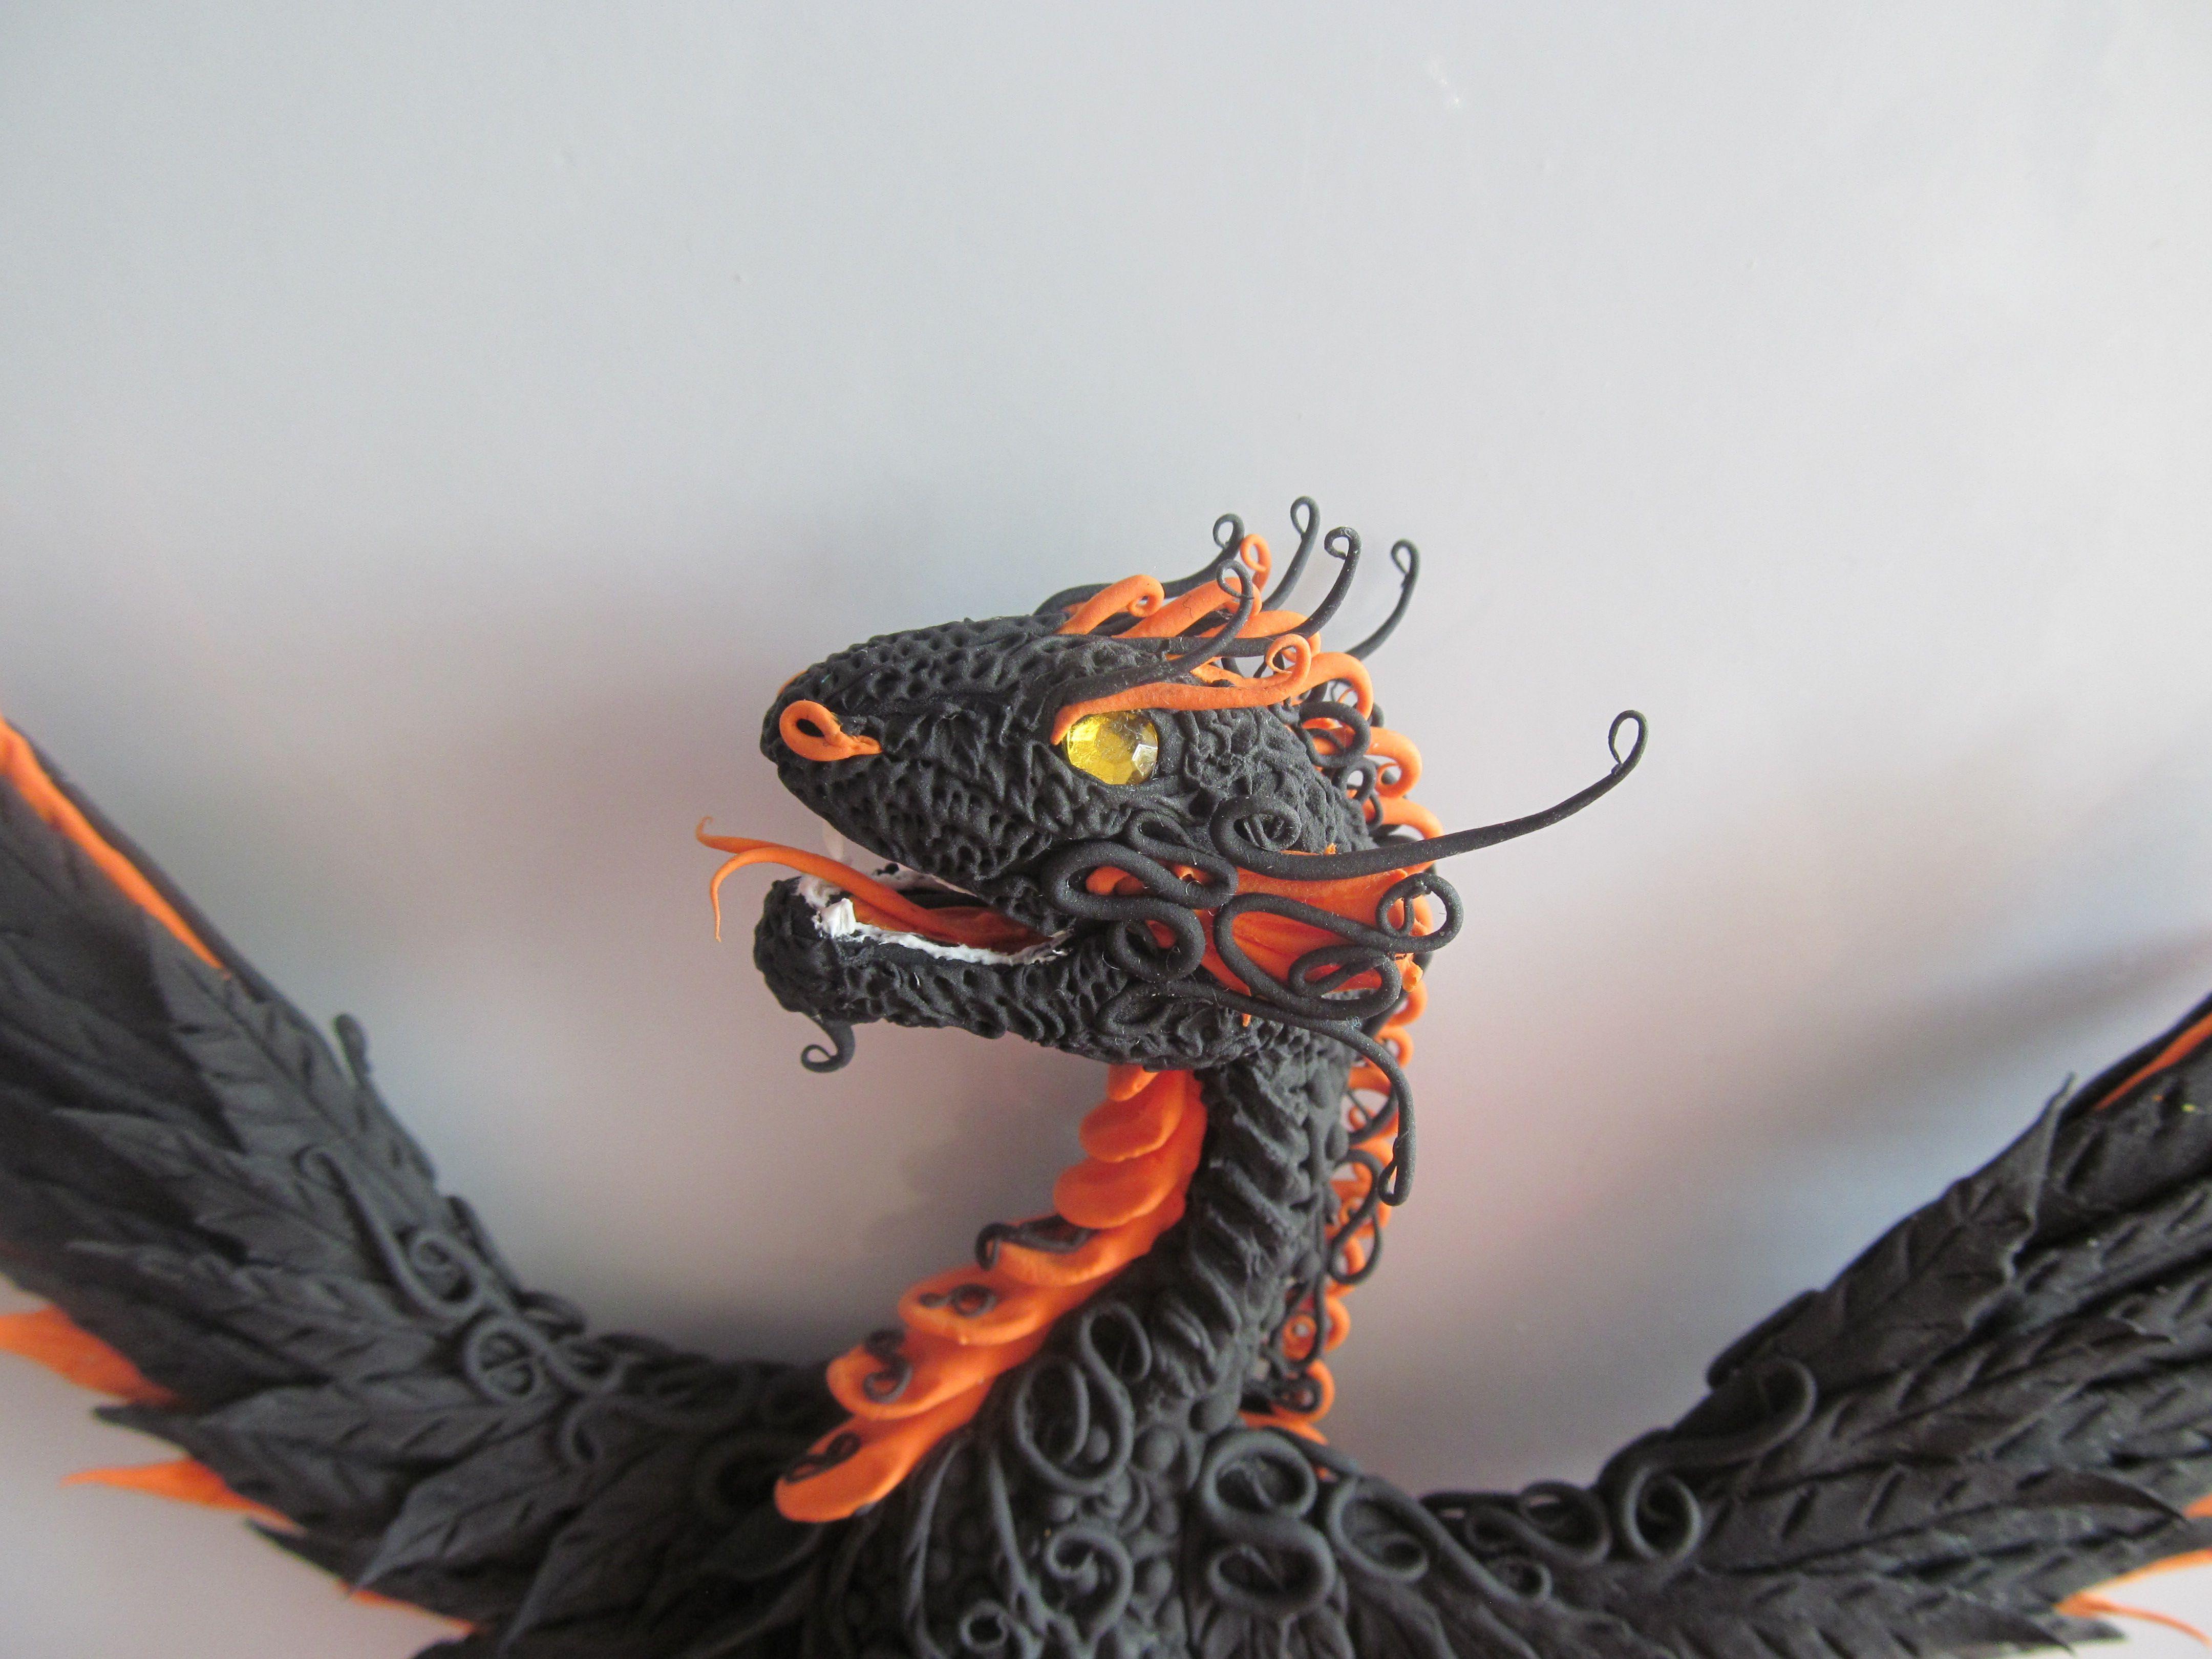 кетцалькоатль змей ролевая пернатый холодильник дракон украшение магнит игра на колье